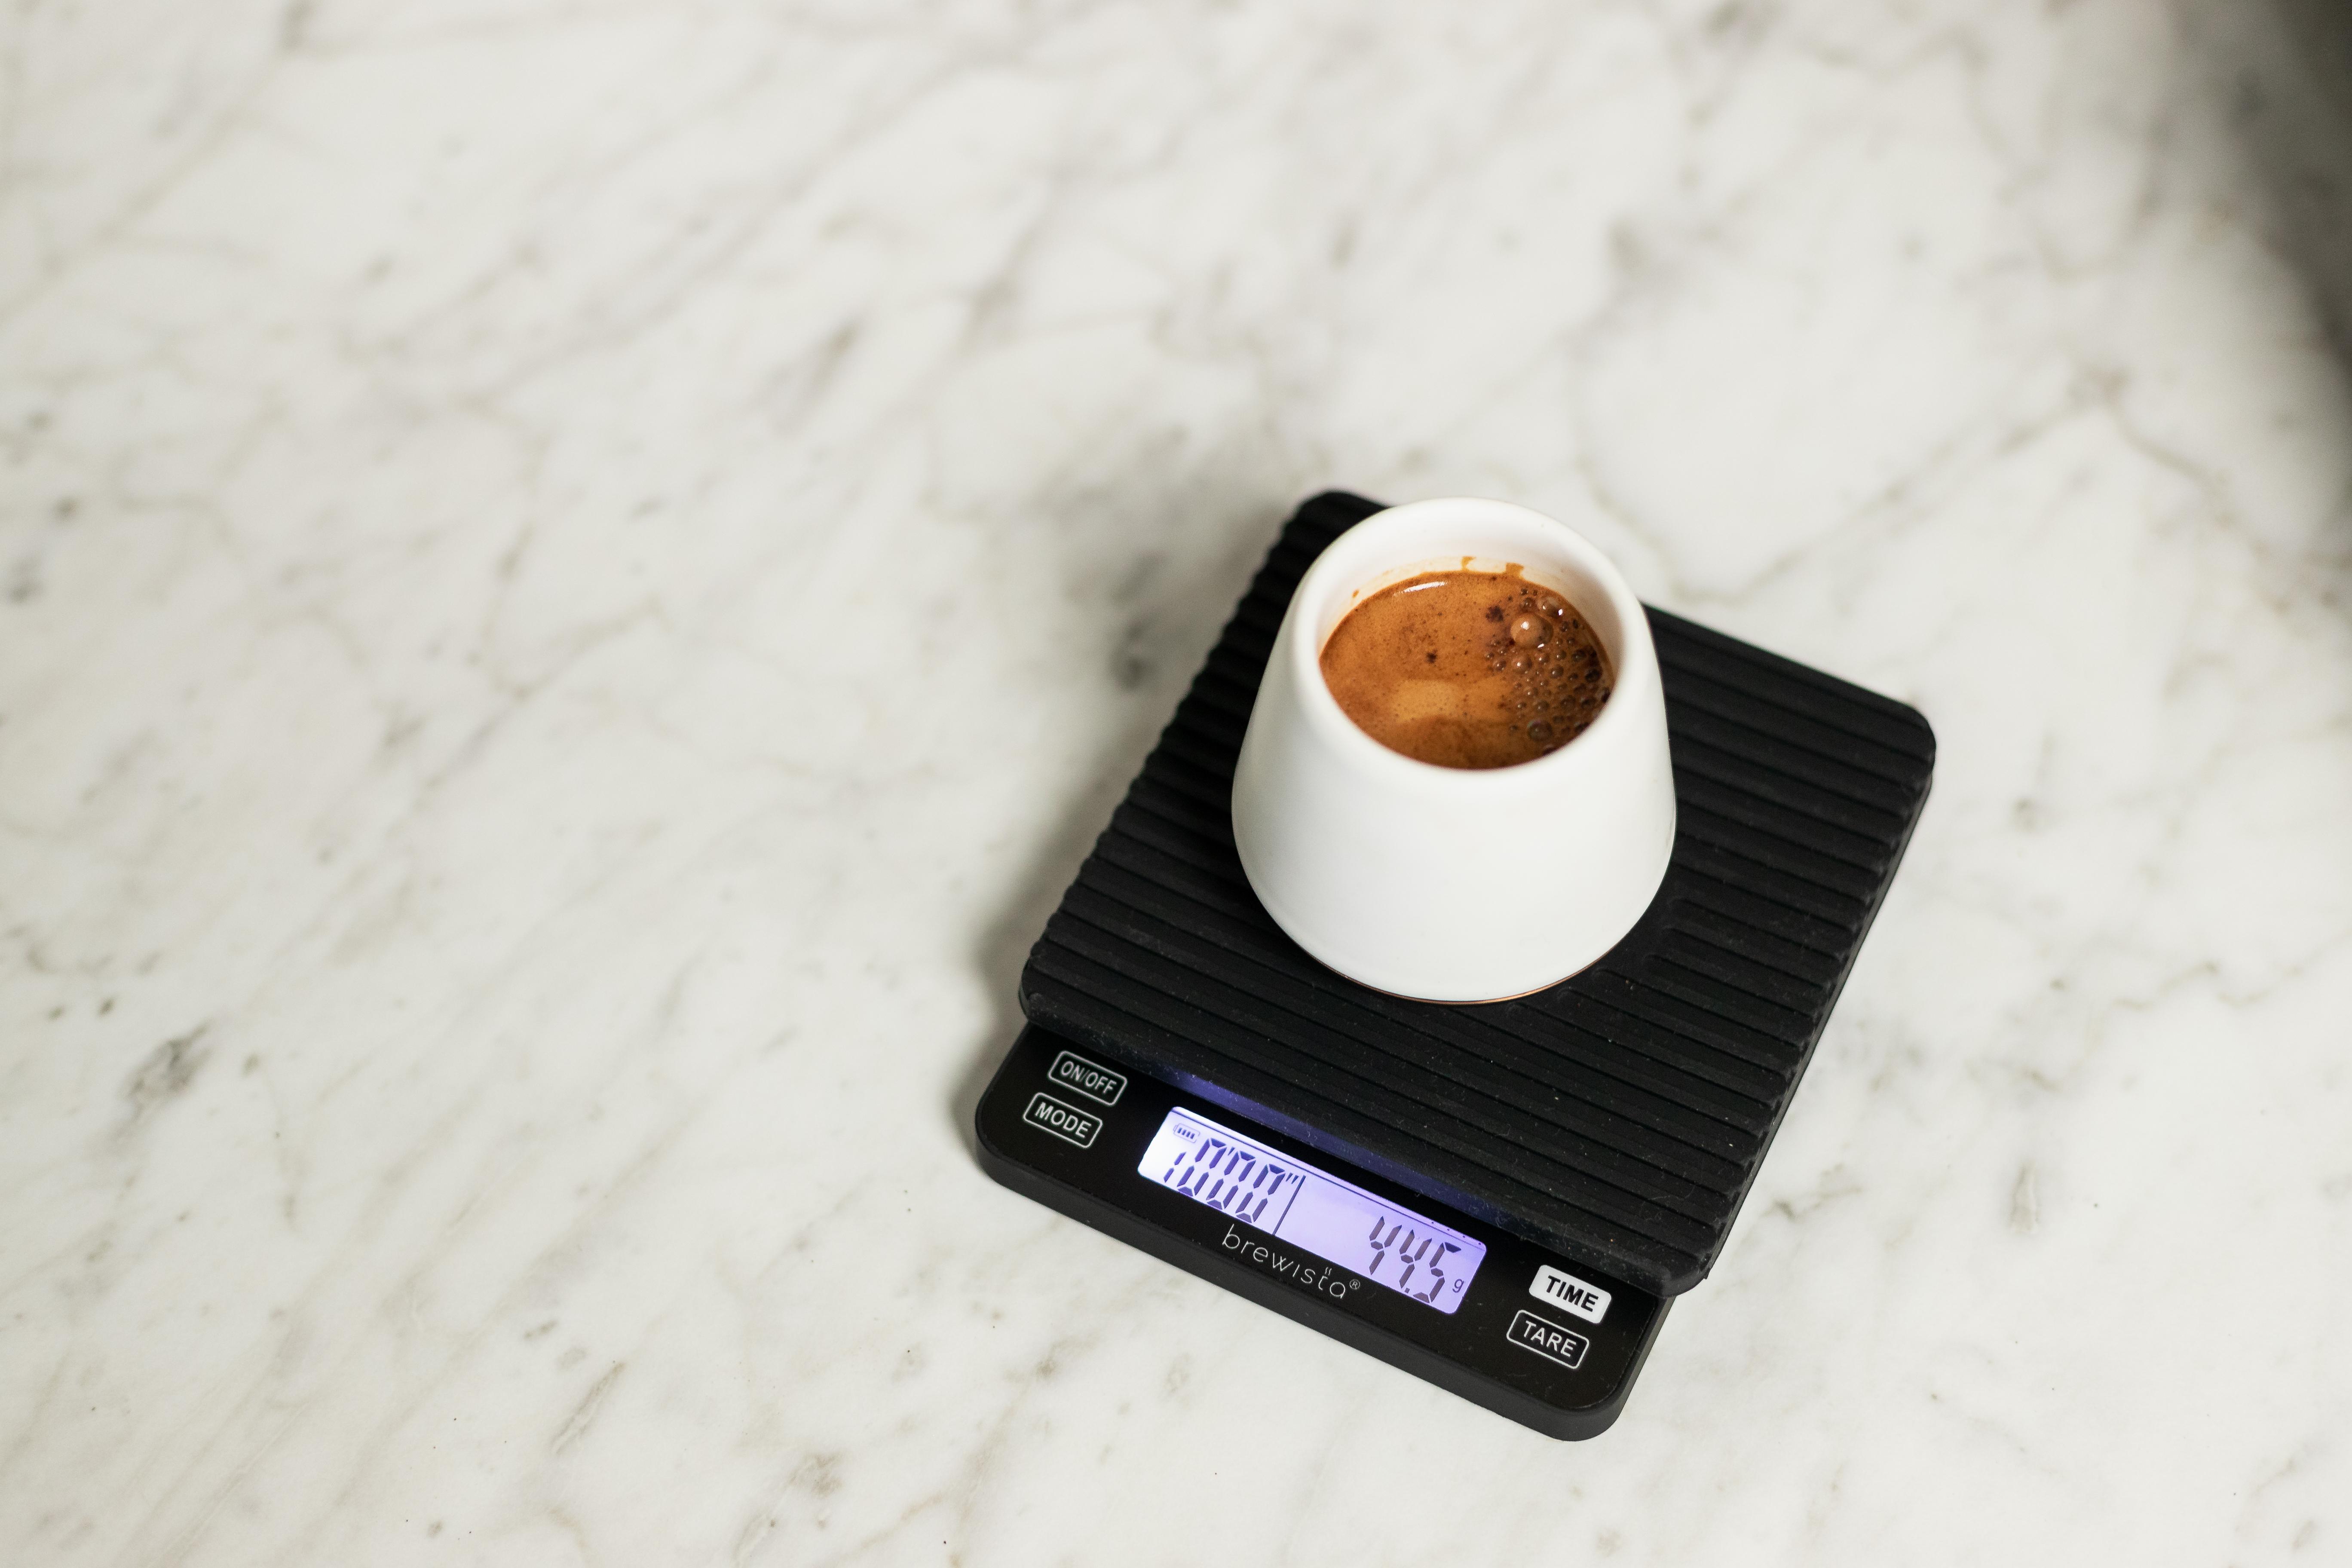 Brewista Smart Scale II weighing an espresso demitasse